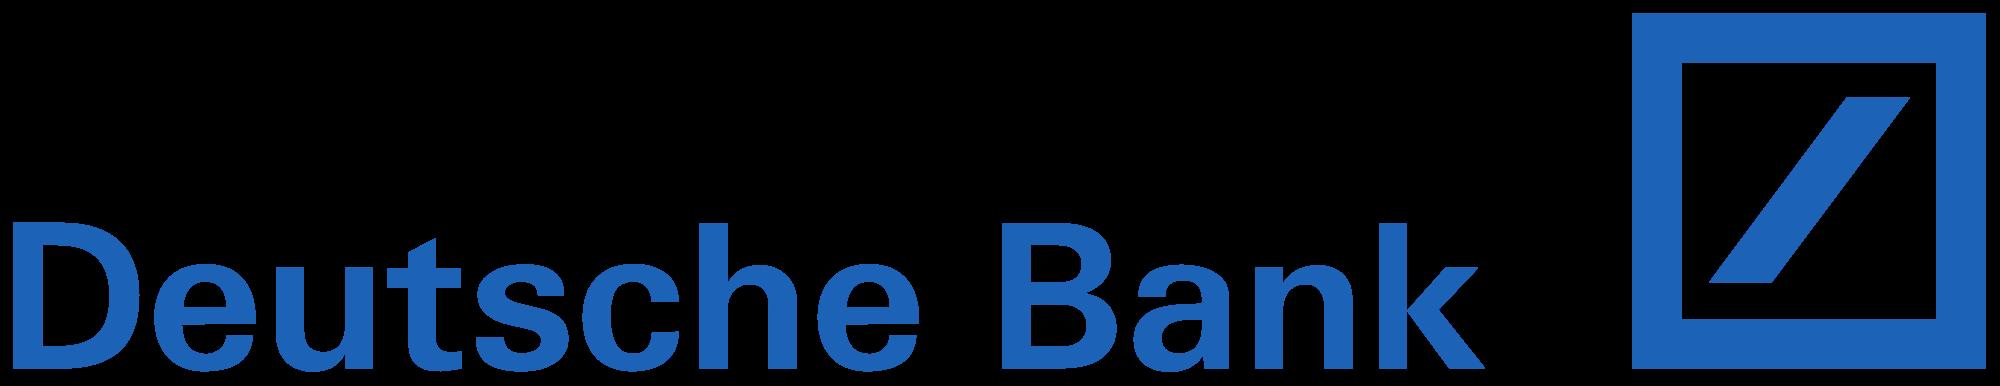 Deutsche Bank Logo.png